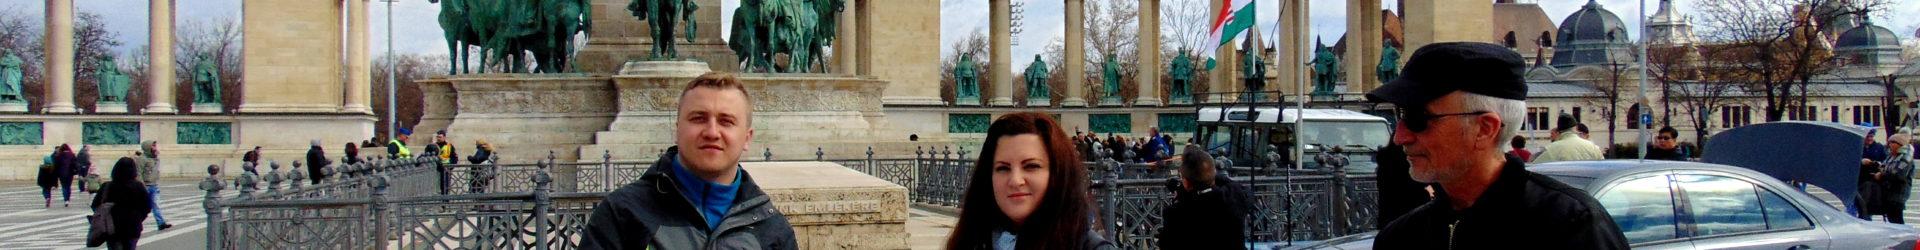 Węgry: Z wizytą w Budapeszcie